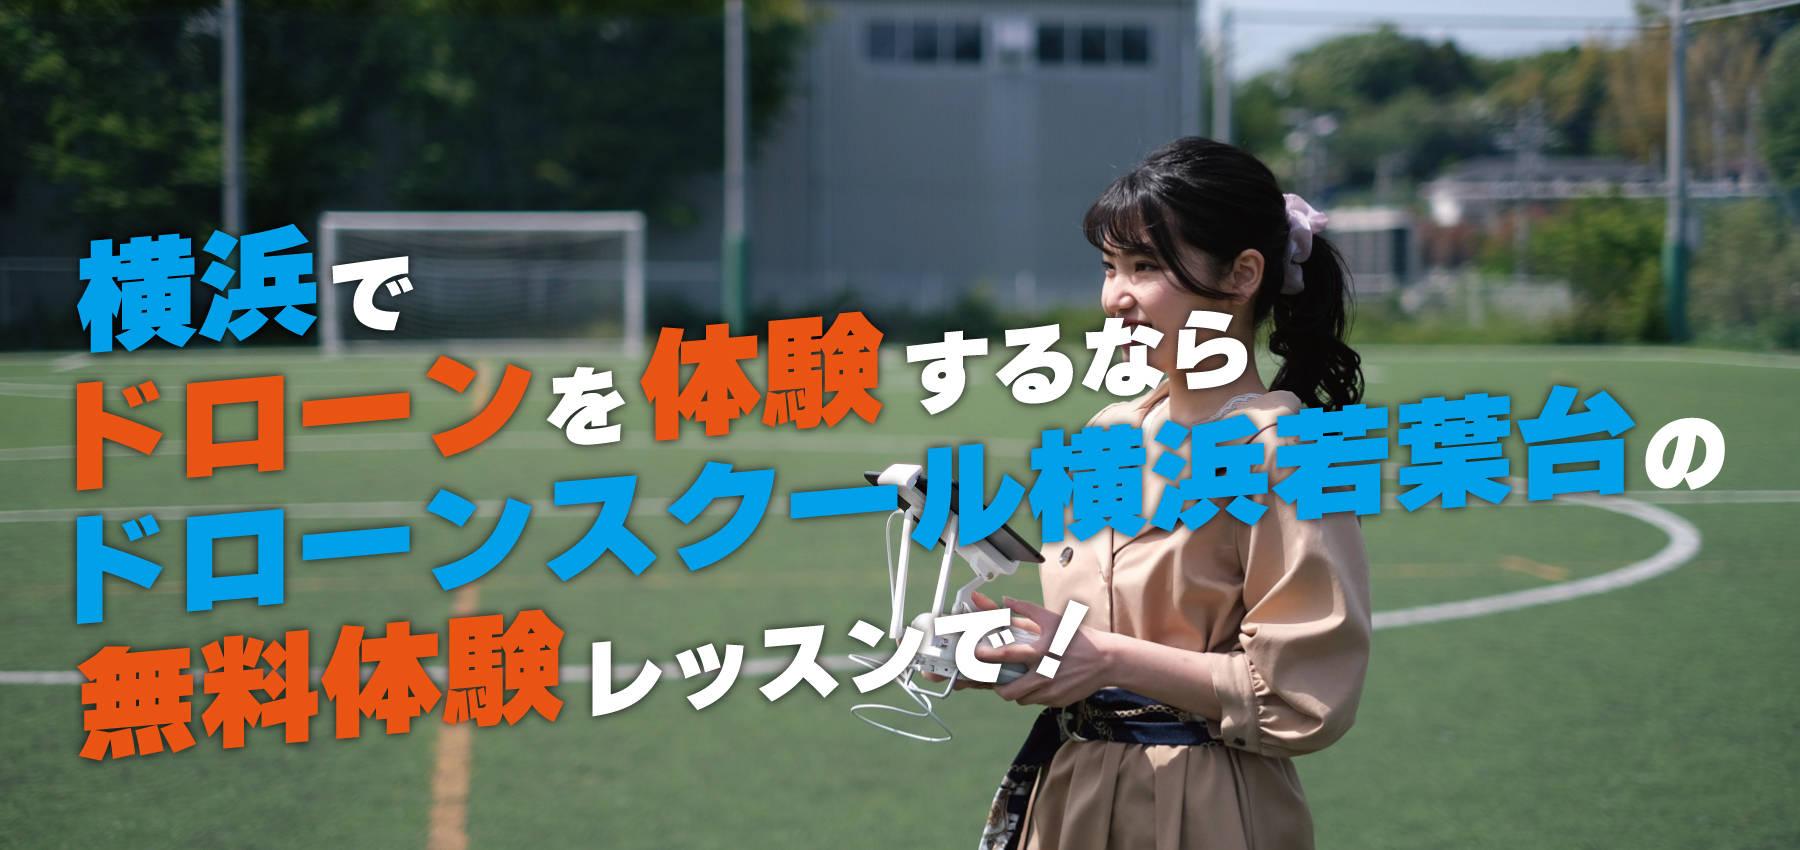 横浜でドローンを体験するならドローンスクール横浜若葉台の無料体験レッスンで!